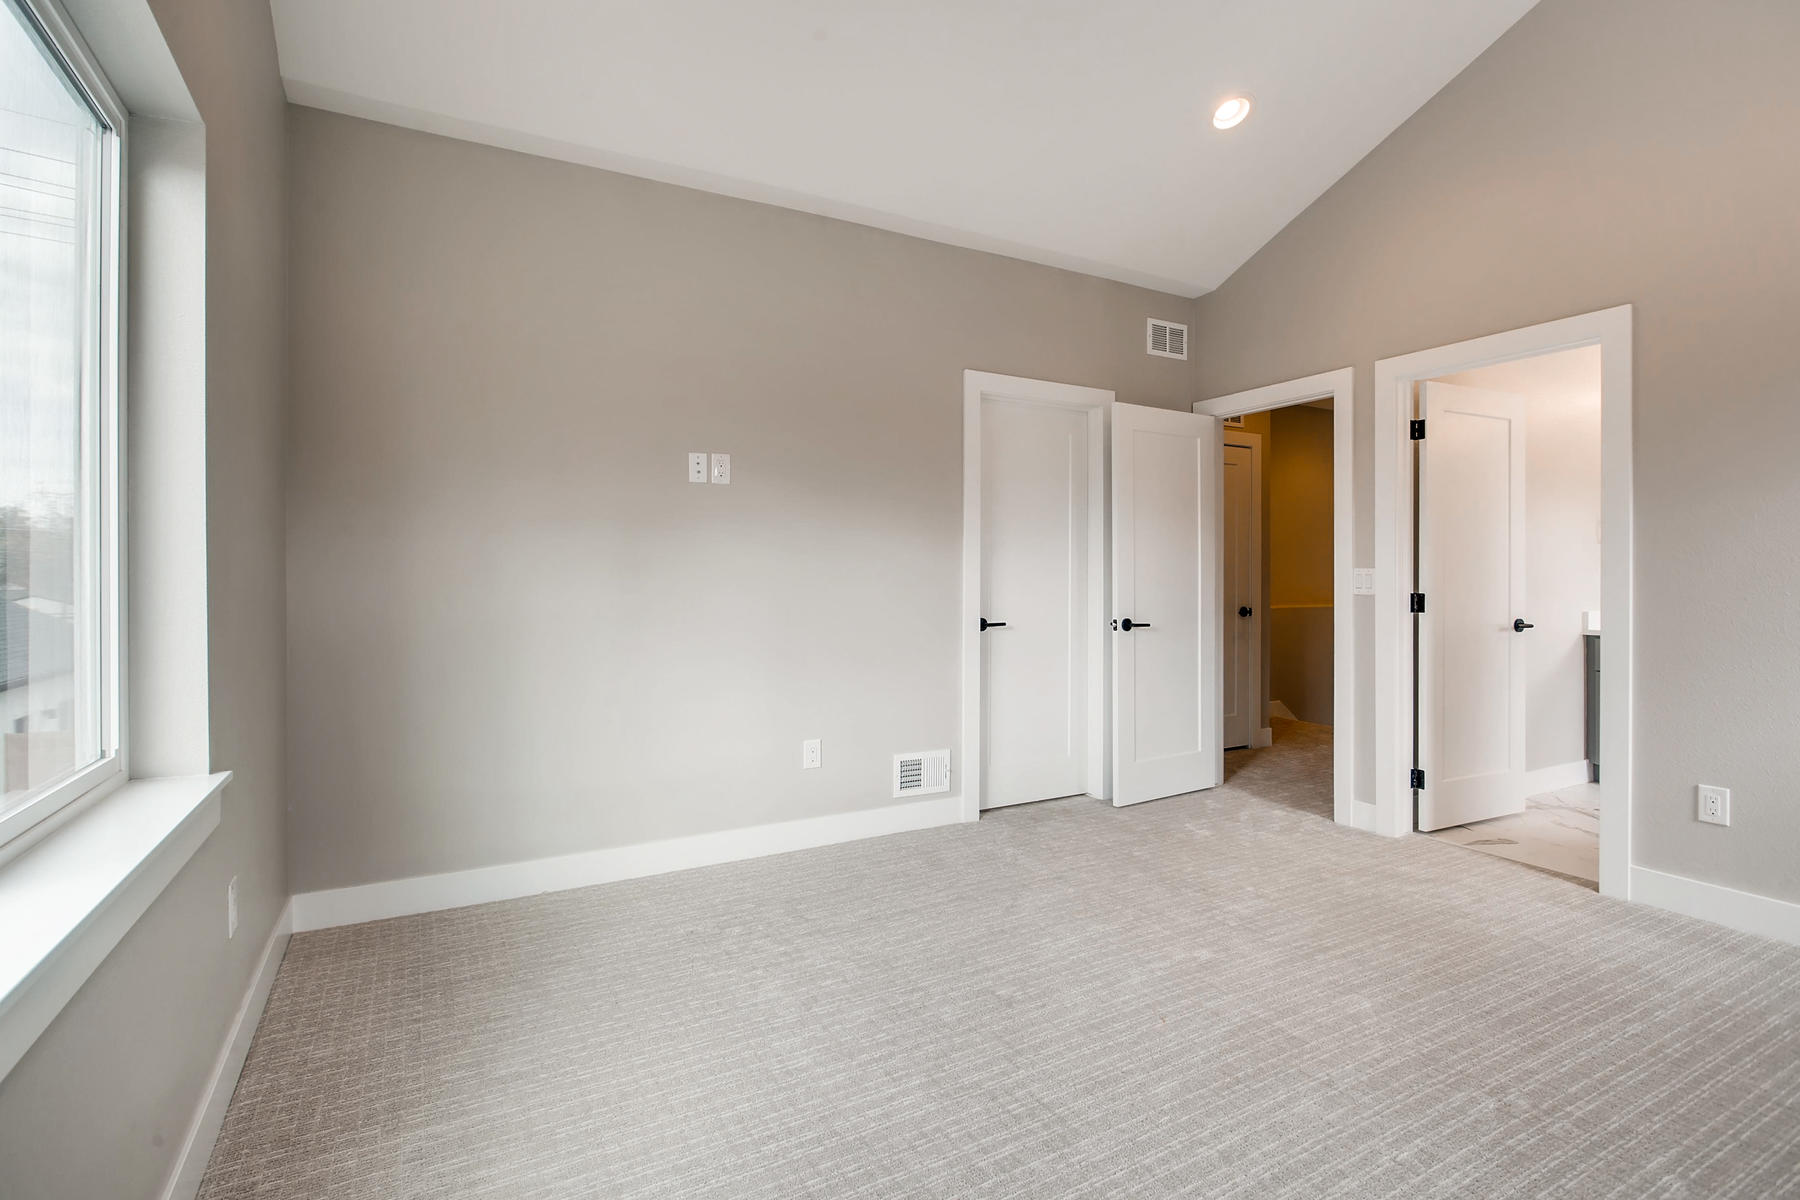 3101 S Cherokee St Englewood-011-14-2nd Floor Master Bedroom-MLS_Size.jpg